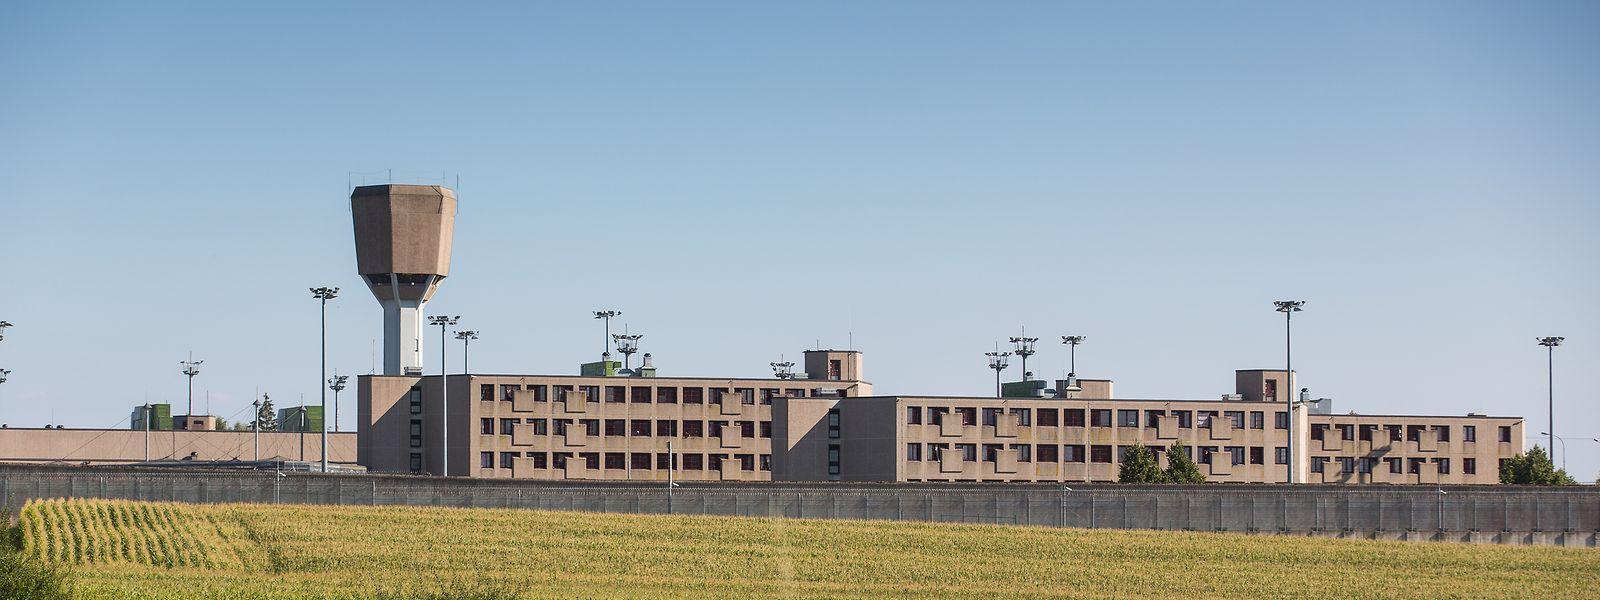 Sollte das Corona-Virus die Mauern der Strafanstalt in Schrassig überwinden, könnten die Folgen unter Umständen verheerend sein.